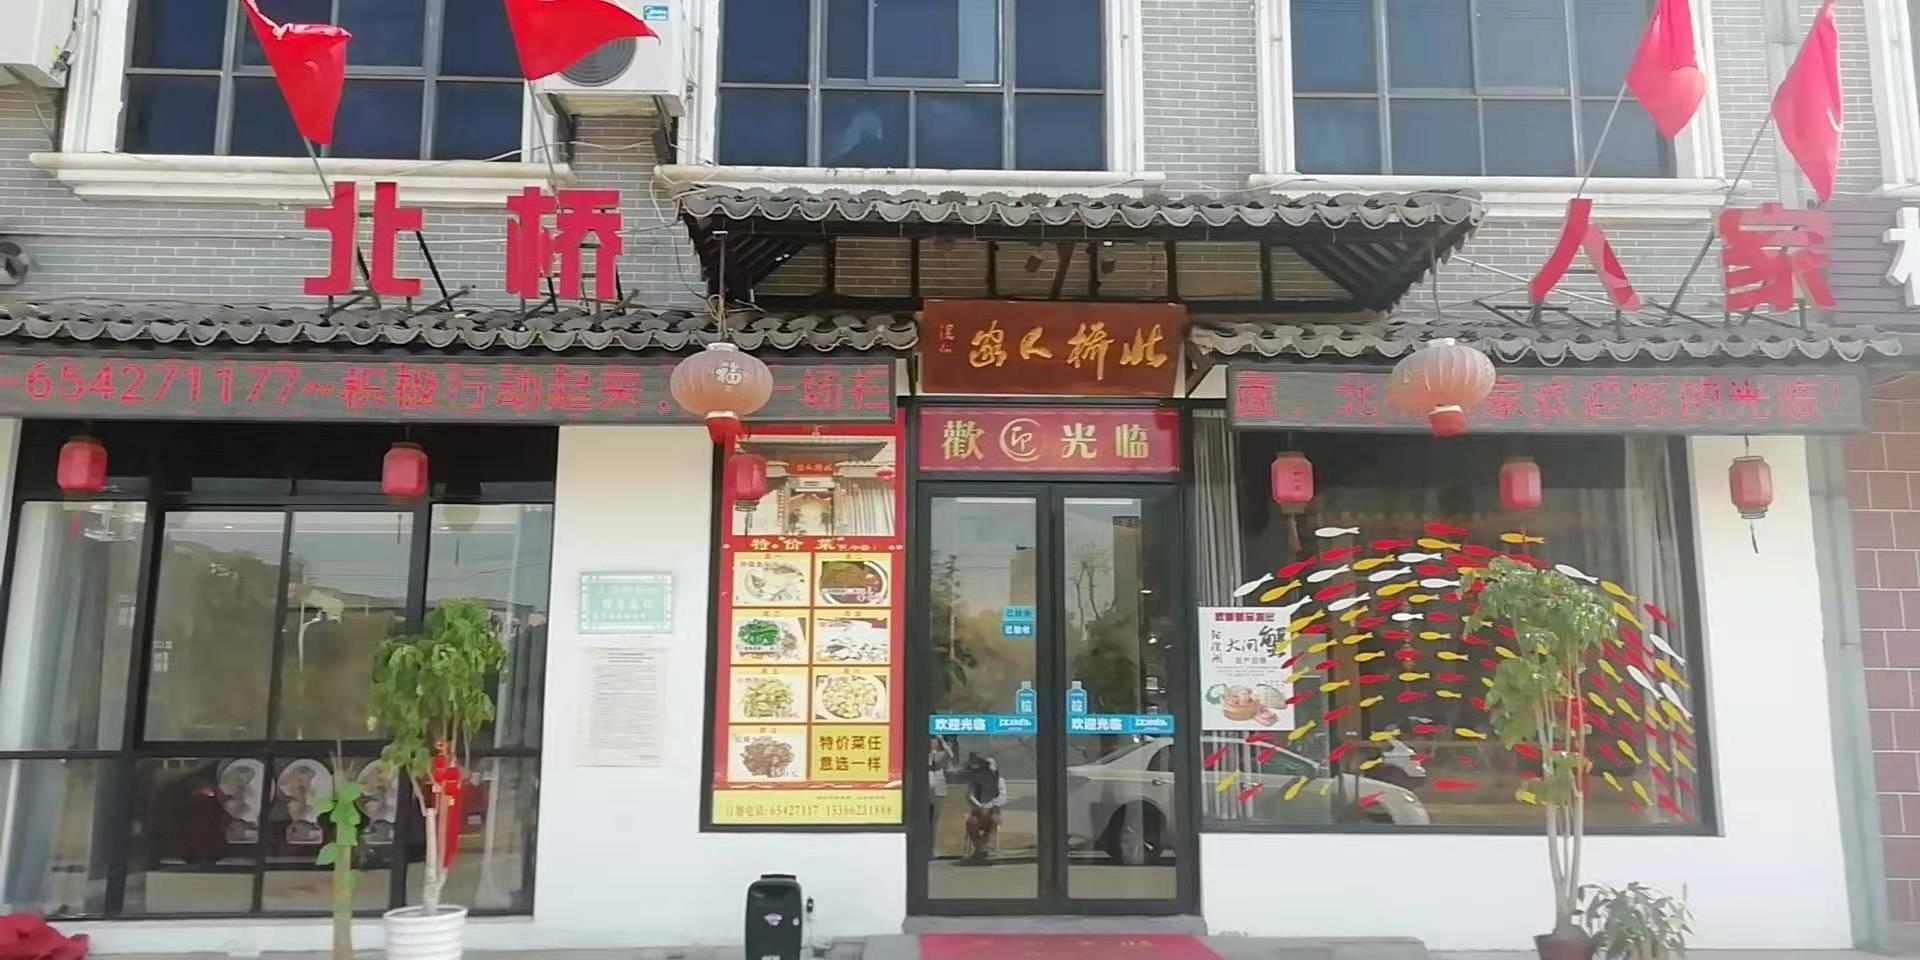 相城区影视城盈利320平方餐饮店整体转让